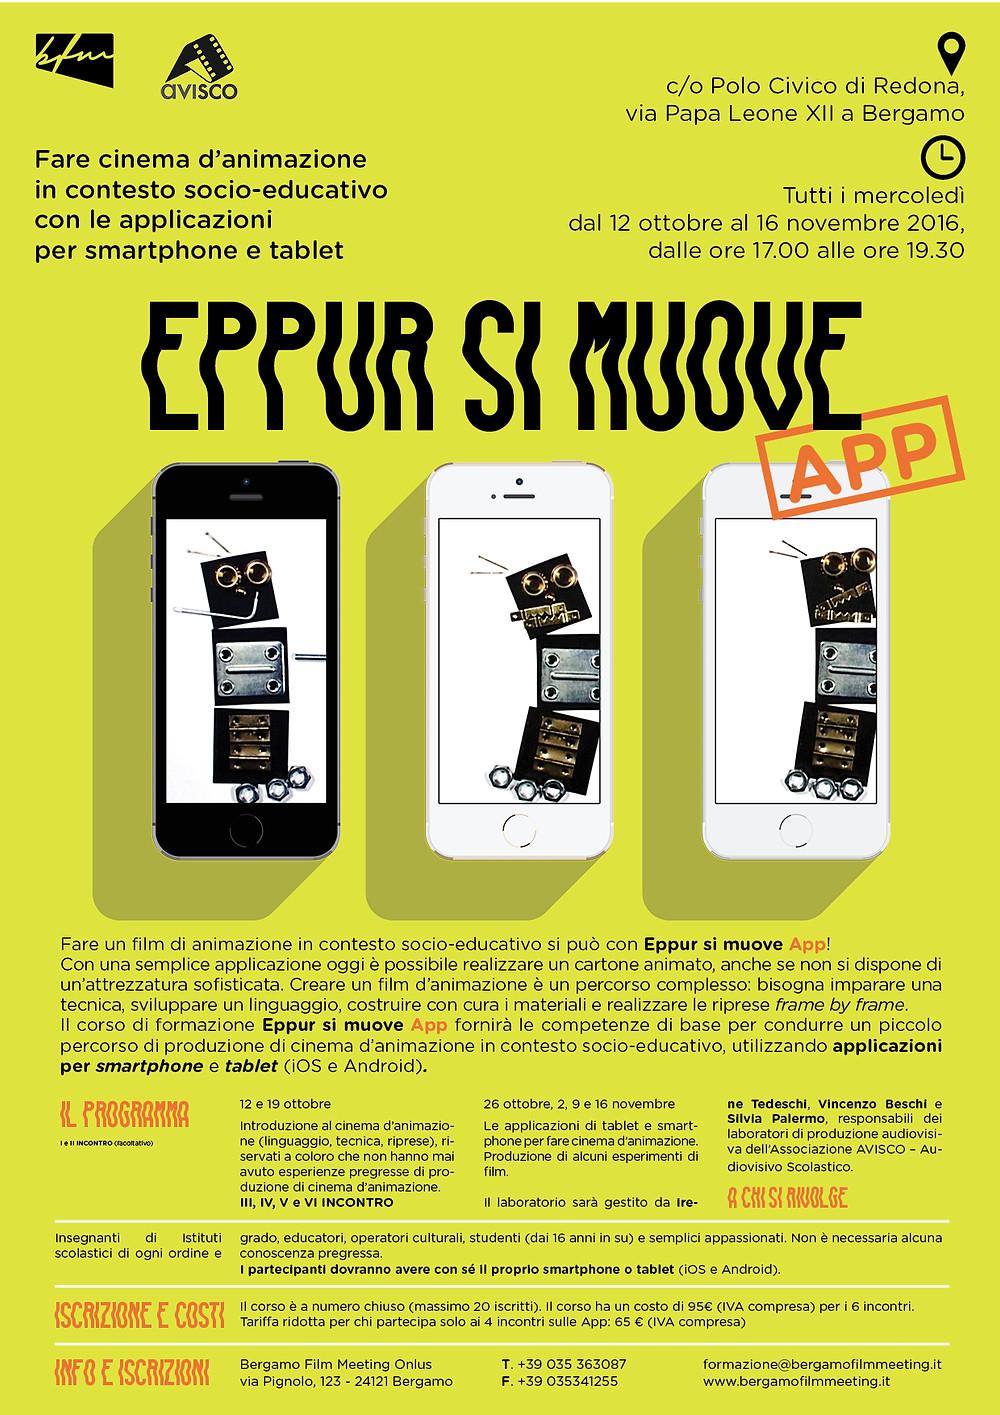 http://bergamofilmmeeting.it/eppursimuove-app